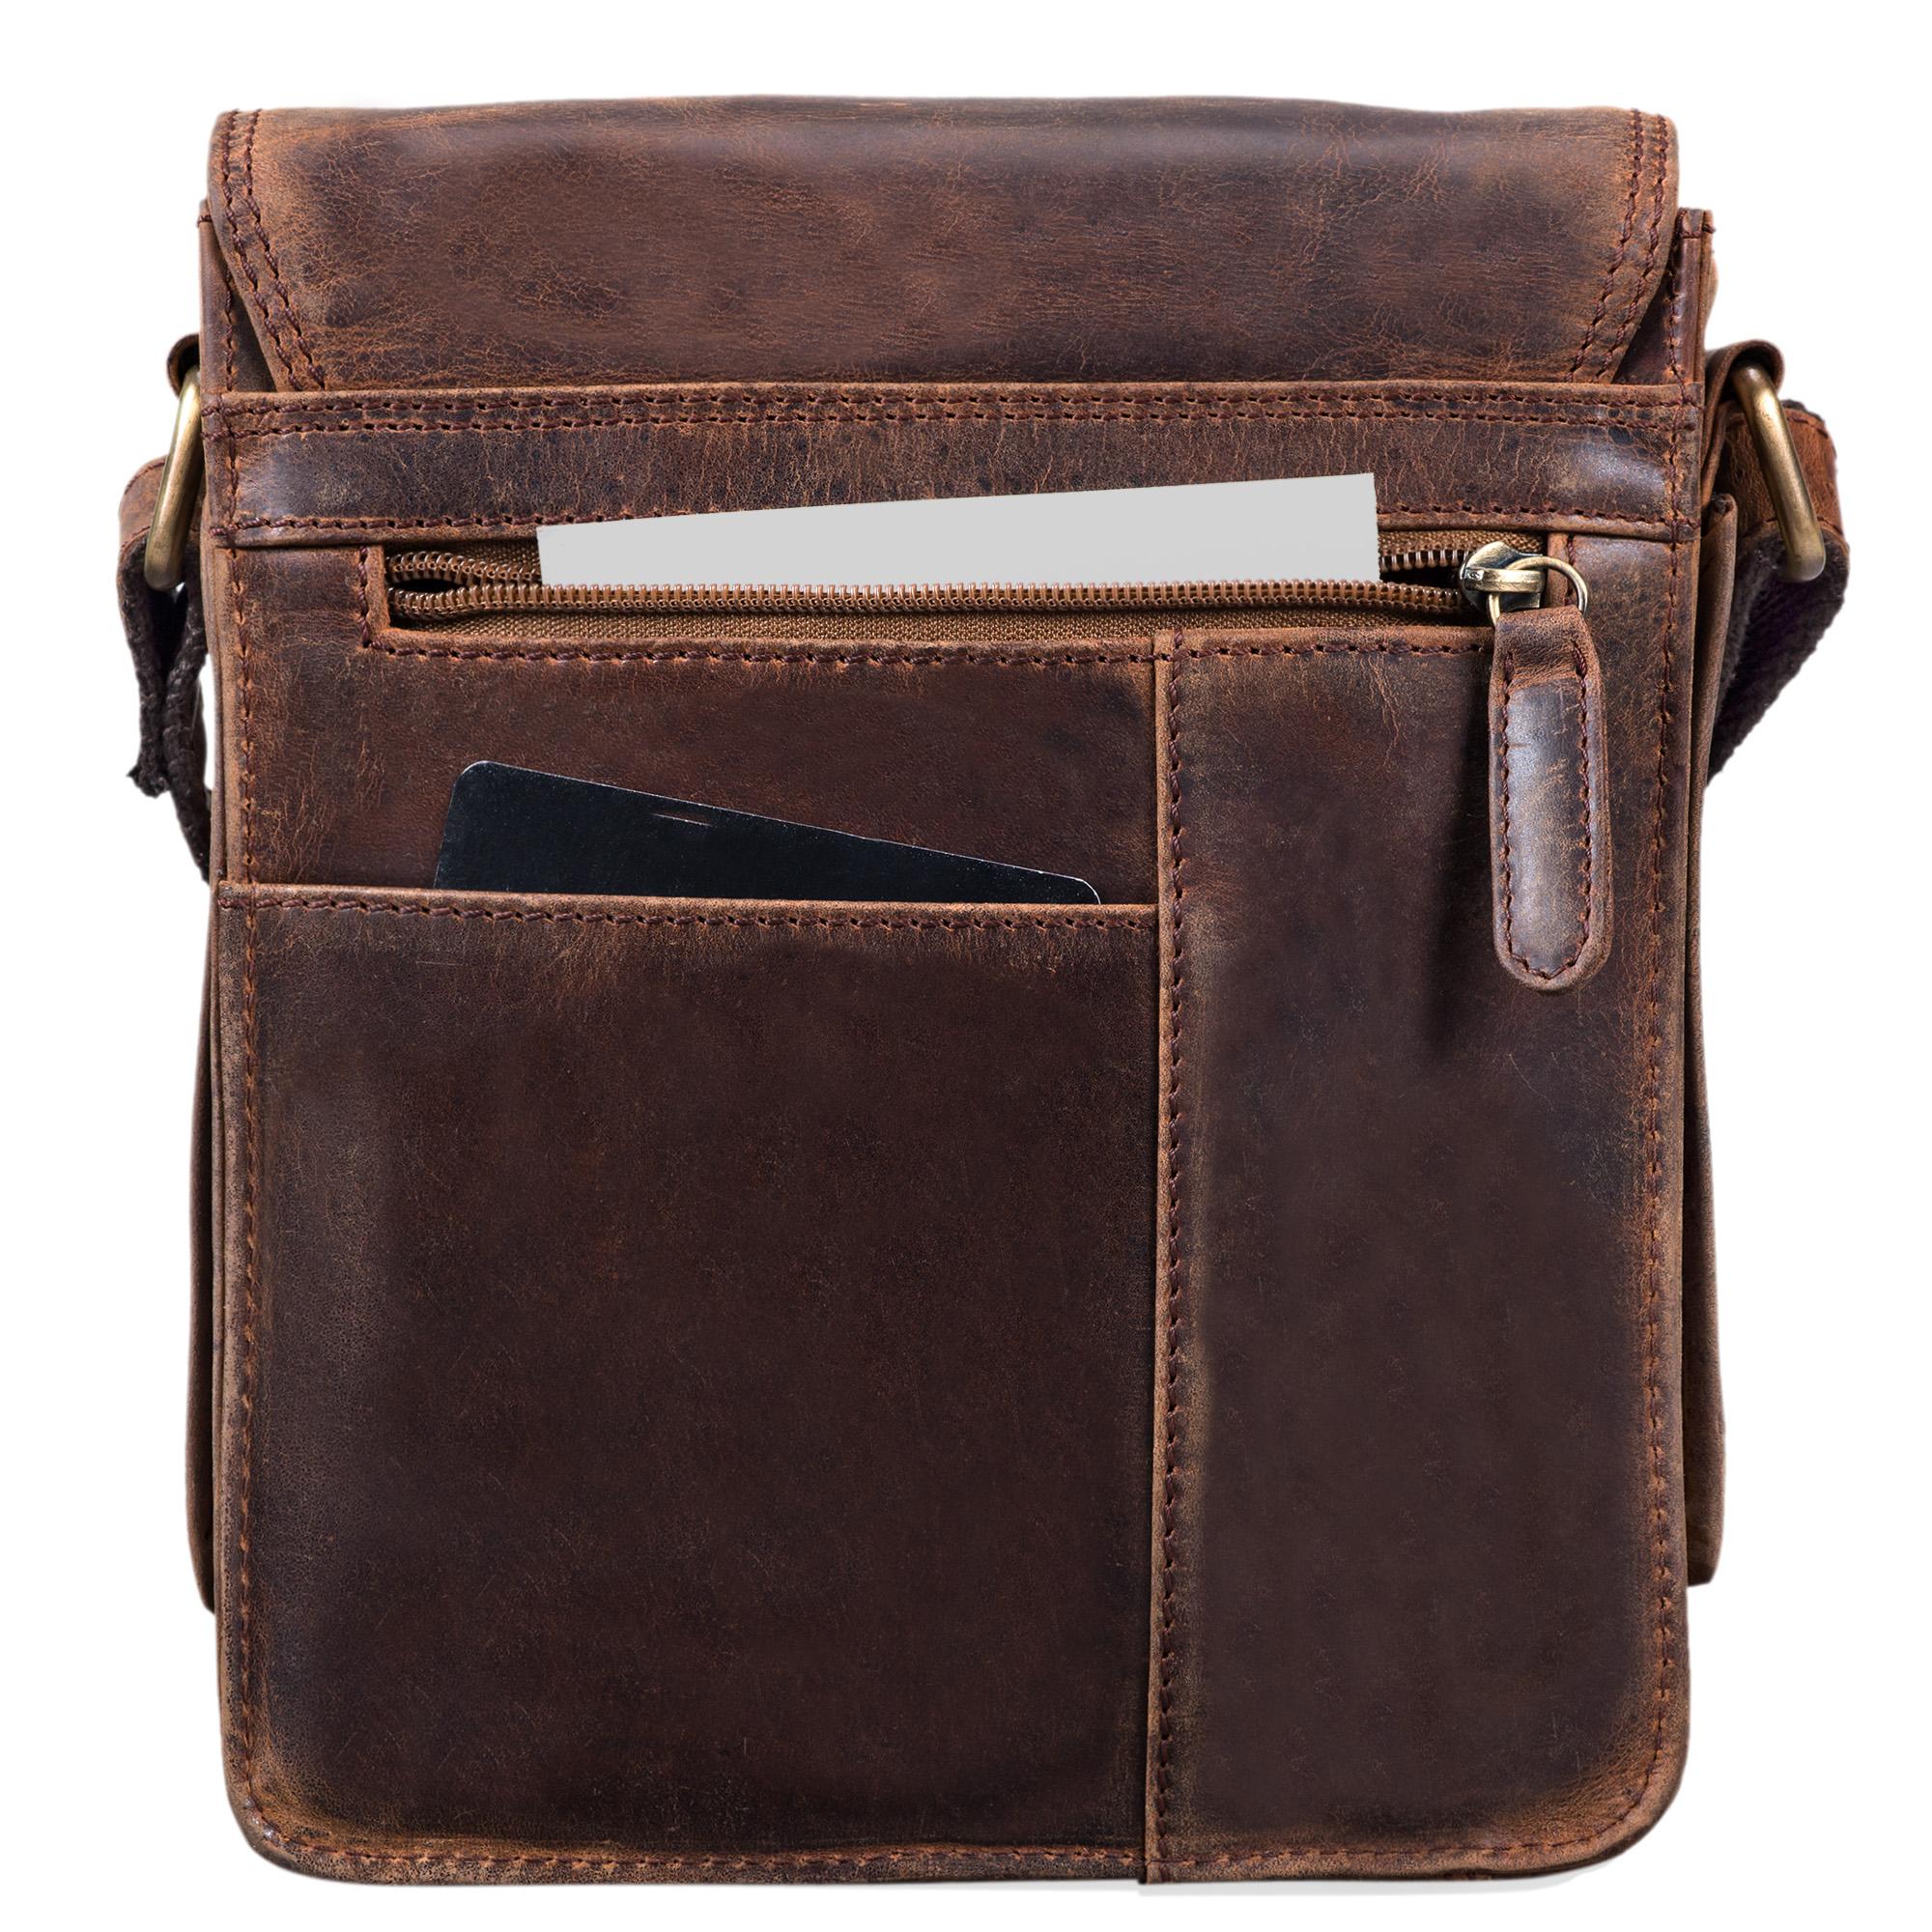 """STILORD """"Alessio"""" Leder Messenger Bag Männer klein Vintage Umhängetasche Herrentasche Tablettasche Schultertasche aus echtem Leder - Bild 6"""